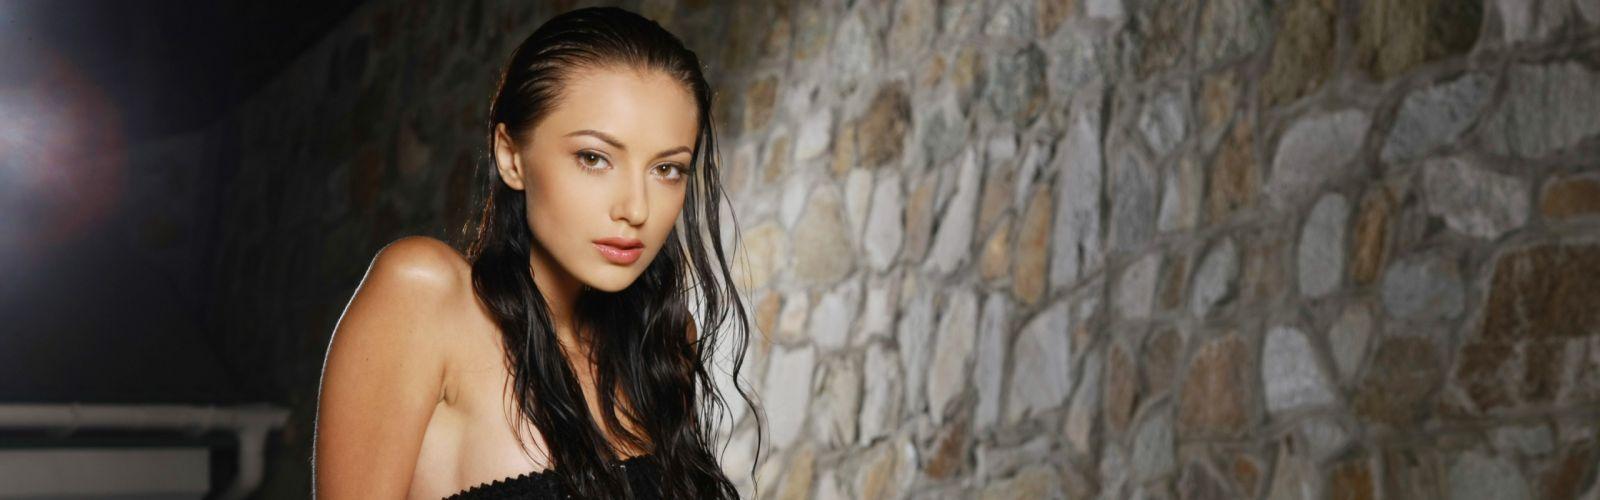 women eyes long hair smiling Anna Sbitnaya faces Ukrainian black hair wallpaper